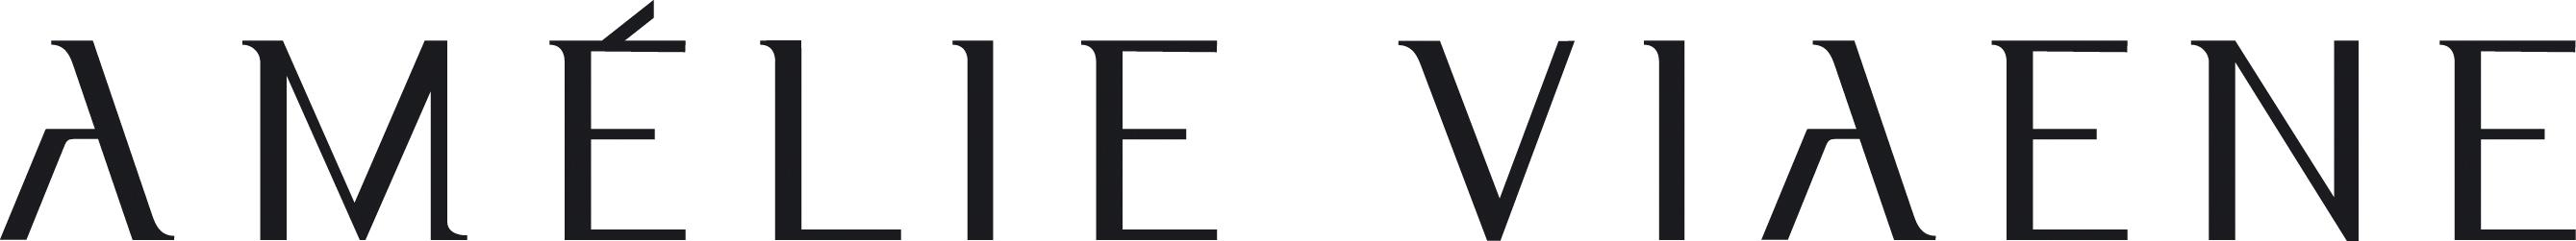 logo-amelie-def